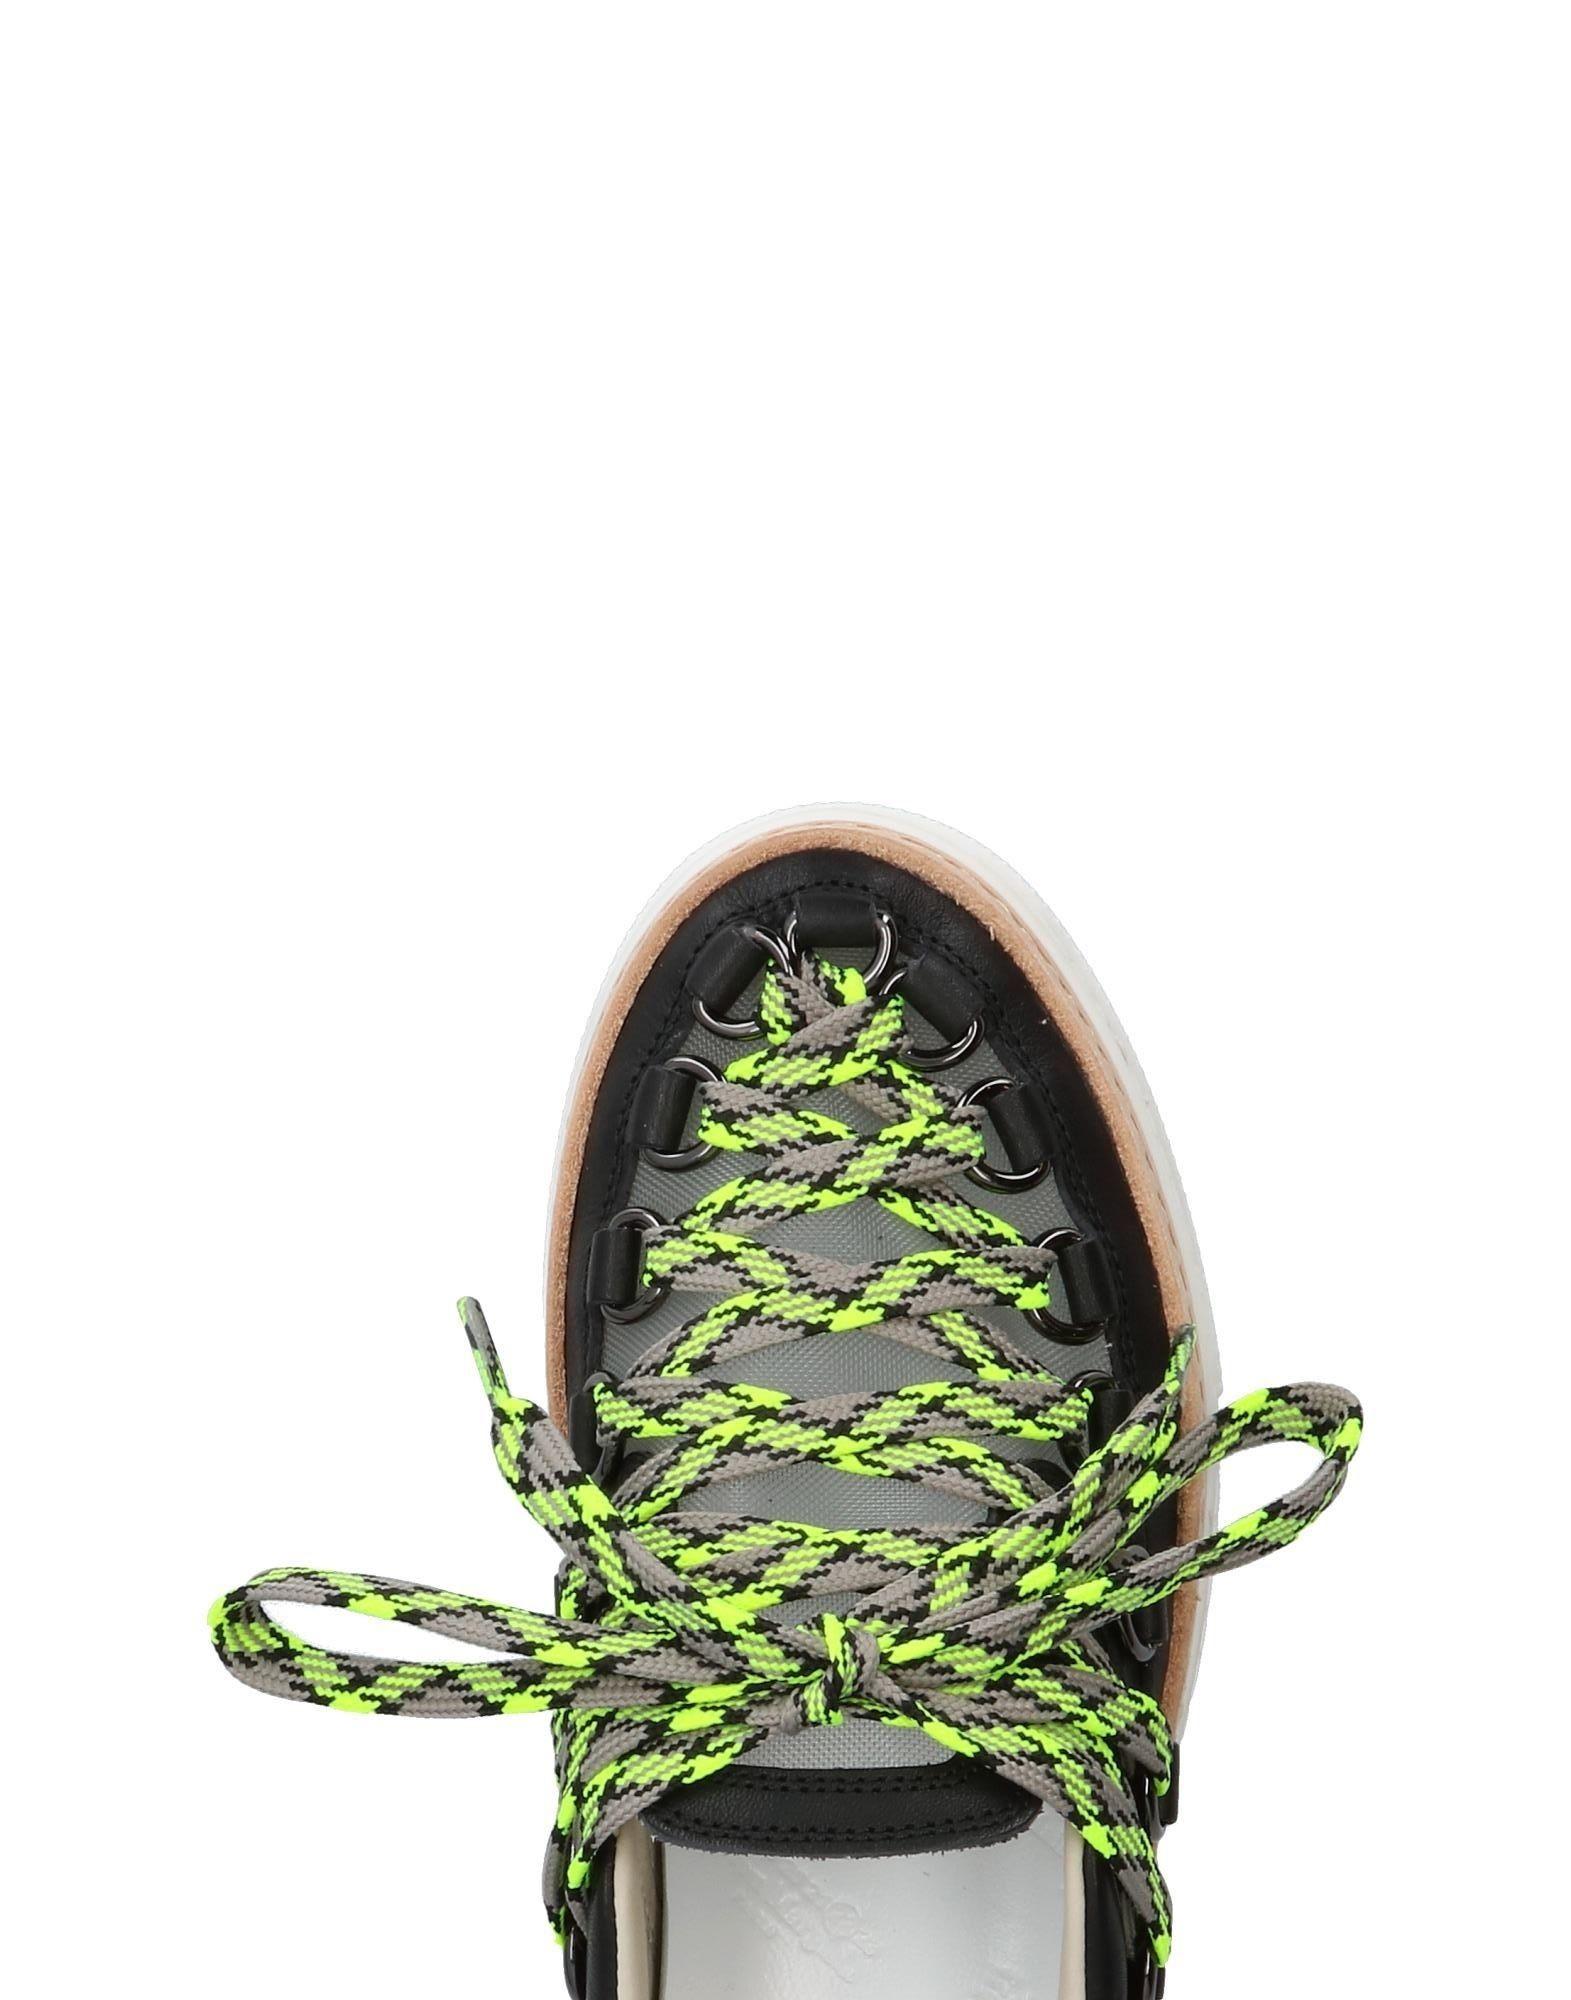 Maison Margiela Sneakers Damen  11353179QB 11353179QB 11353179QB Neue Schuhe ca48a6